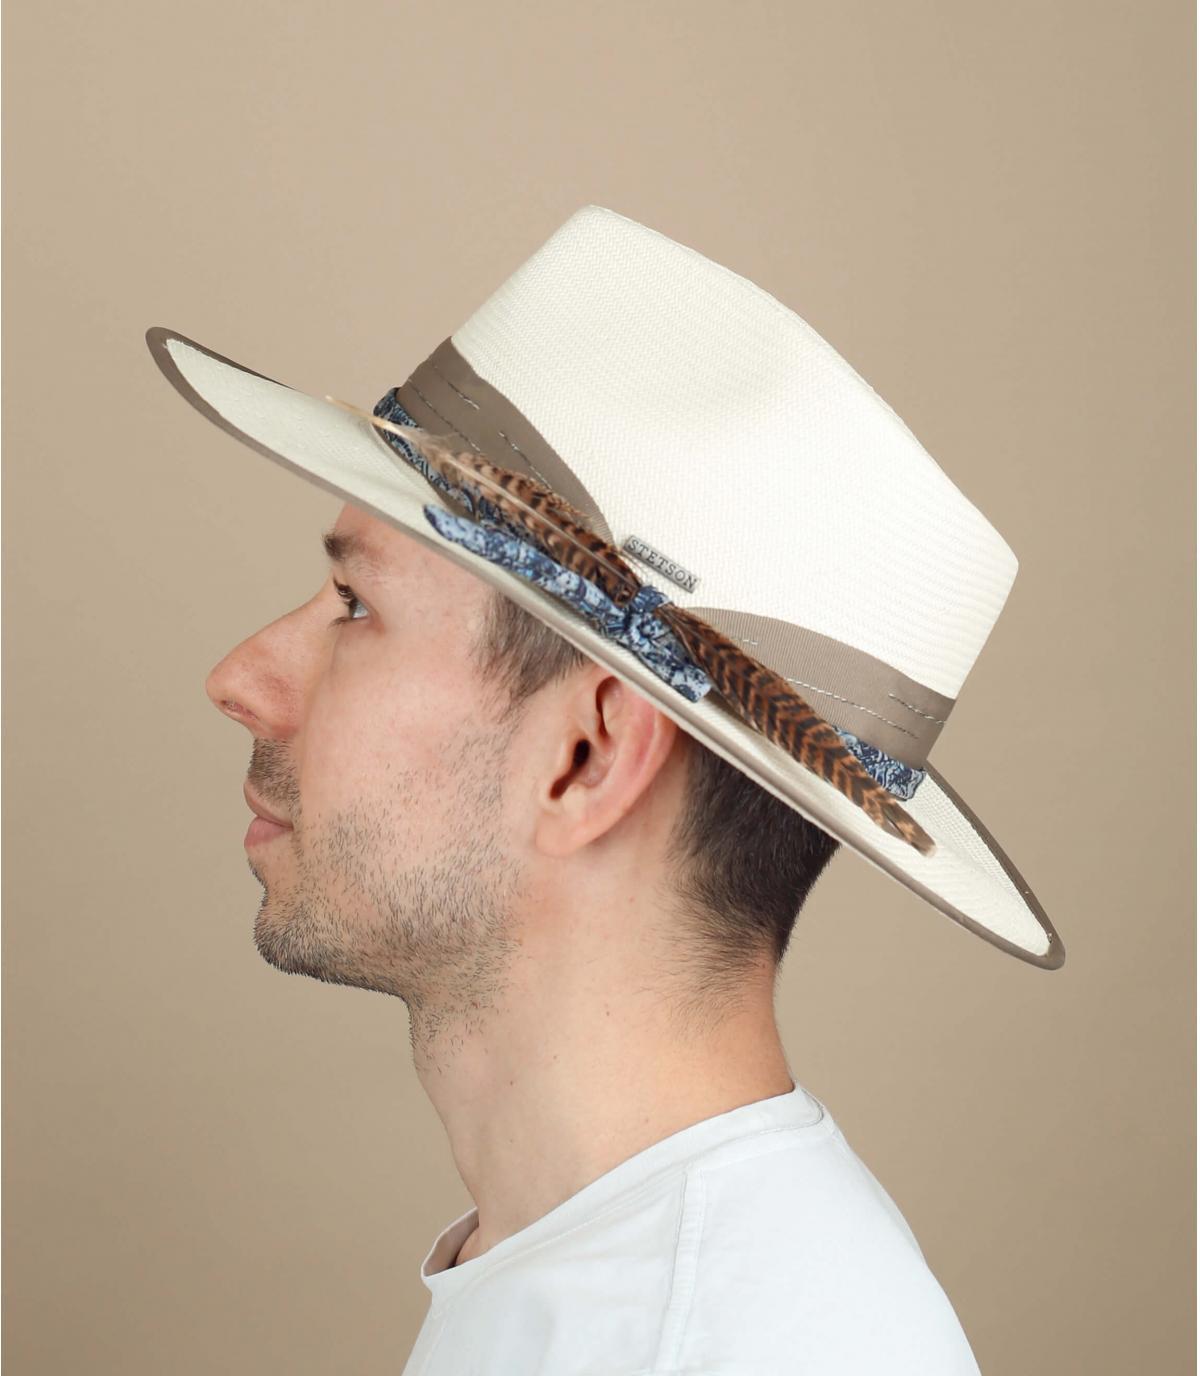 cappello di paglia Stetson bianco